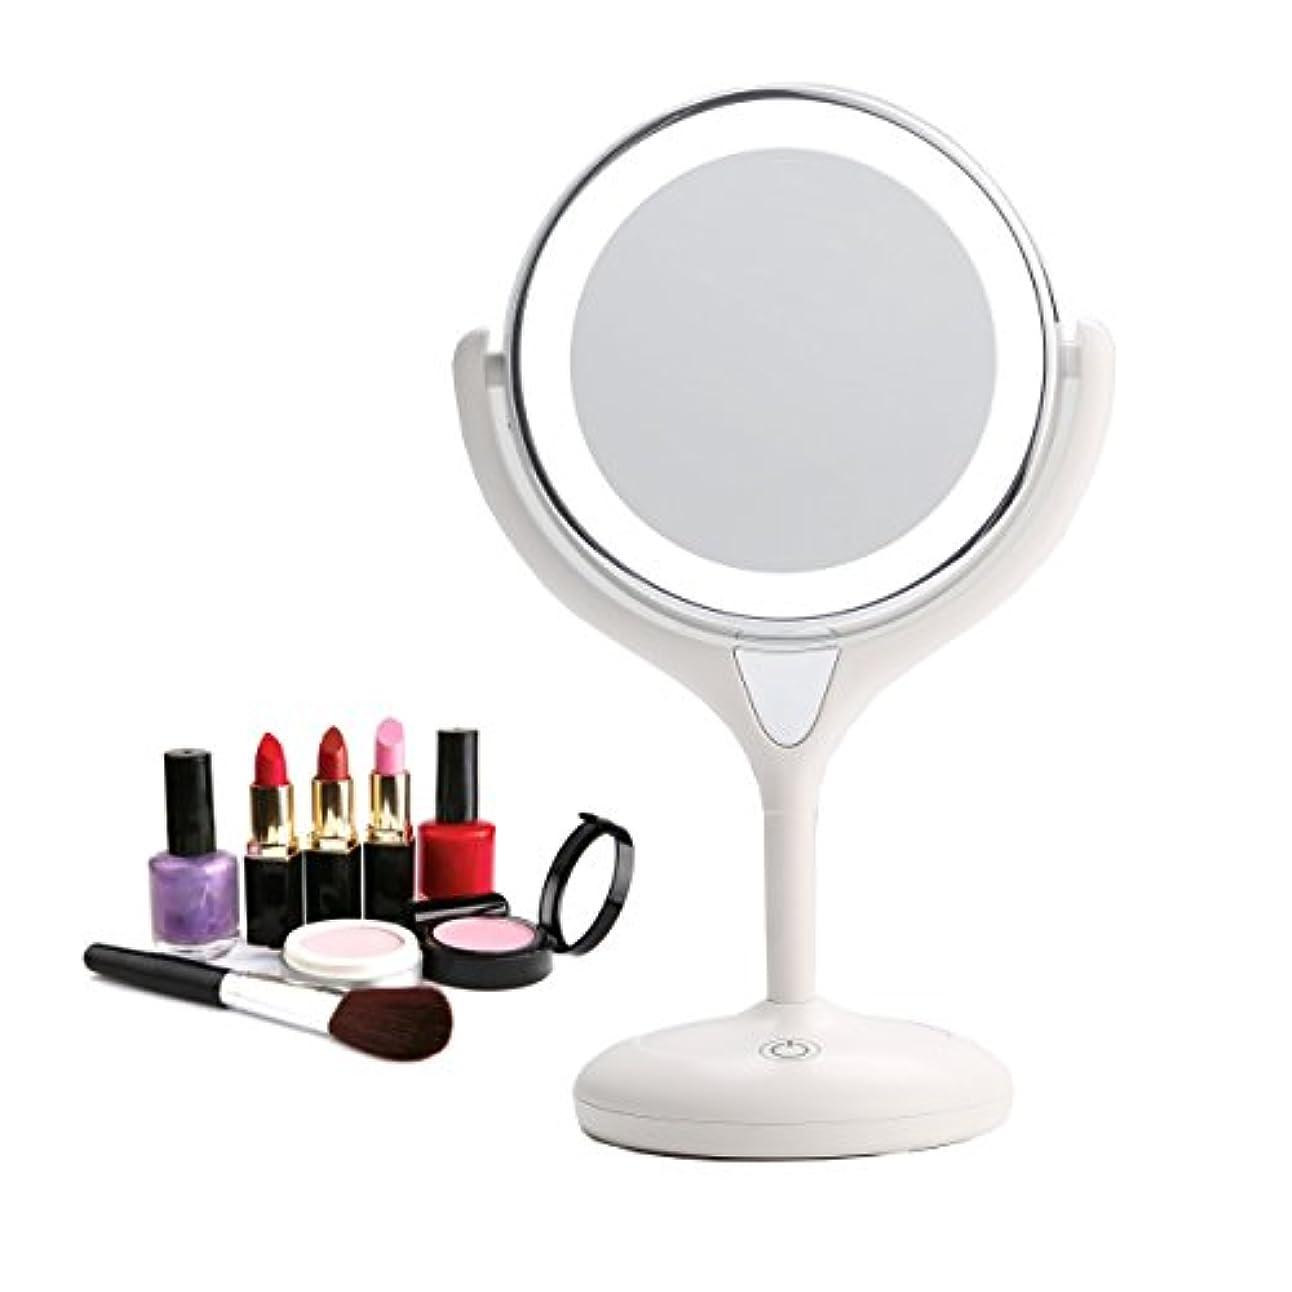 さまよう使役でBestaid-スタンドミラー シンプルデザイン 真実の両面鏡DX 10倍拡大鏡 360度回転 卓上鏡 メイク 化粧道具 14 * 11.5 * 28.5cm